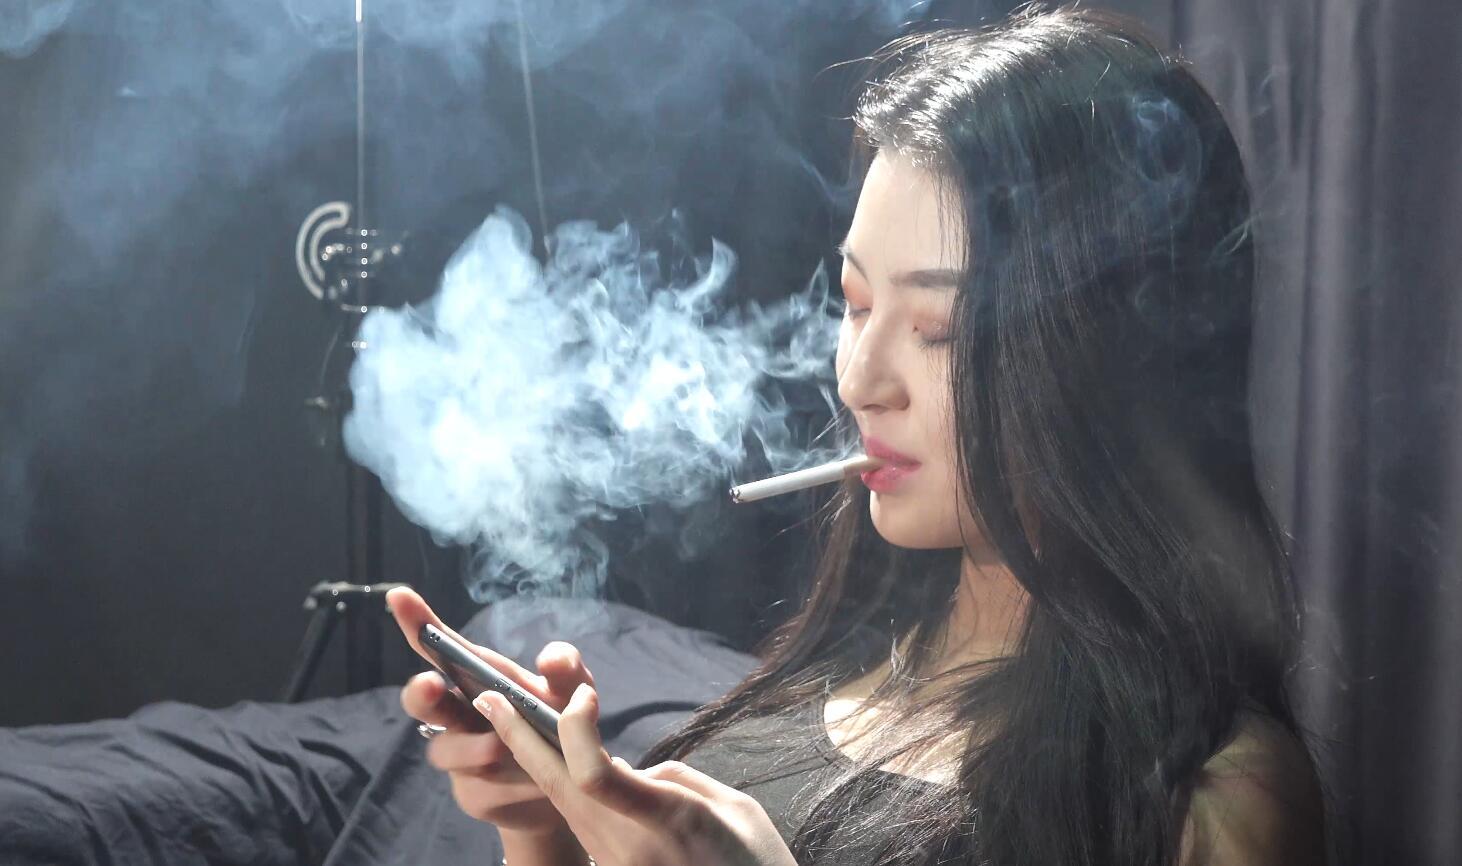 美女边玩游戏边抽烟喜欢回笼